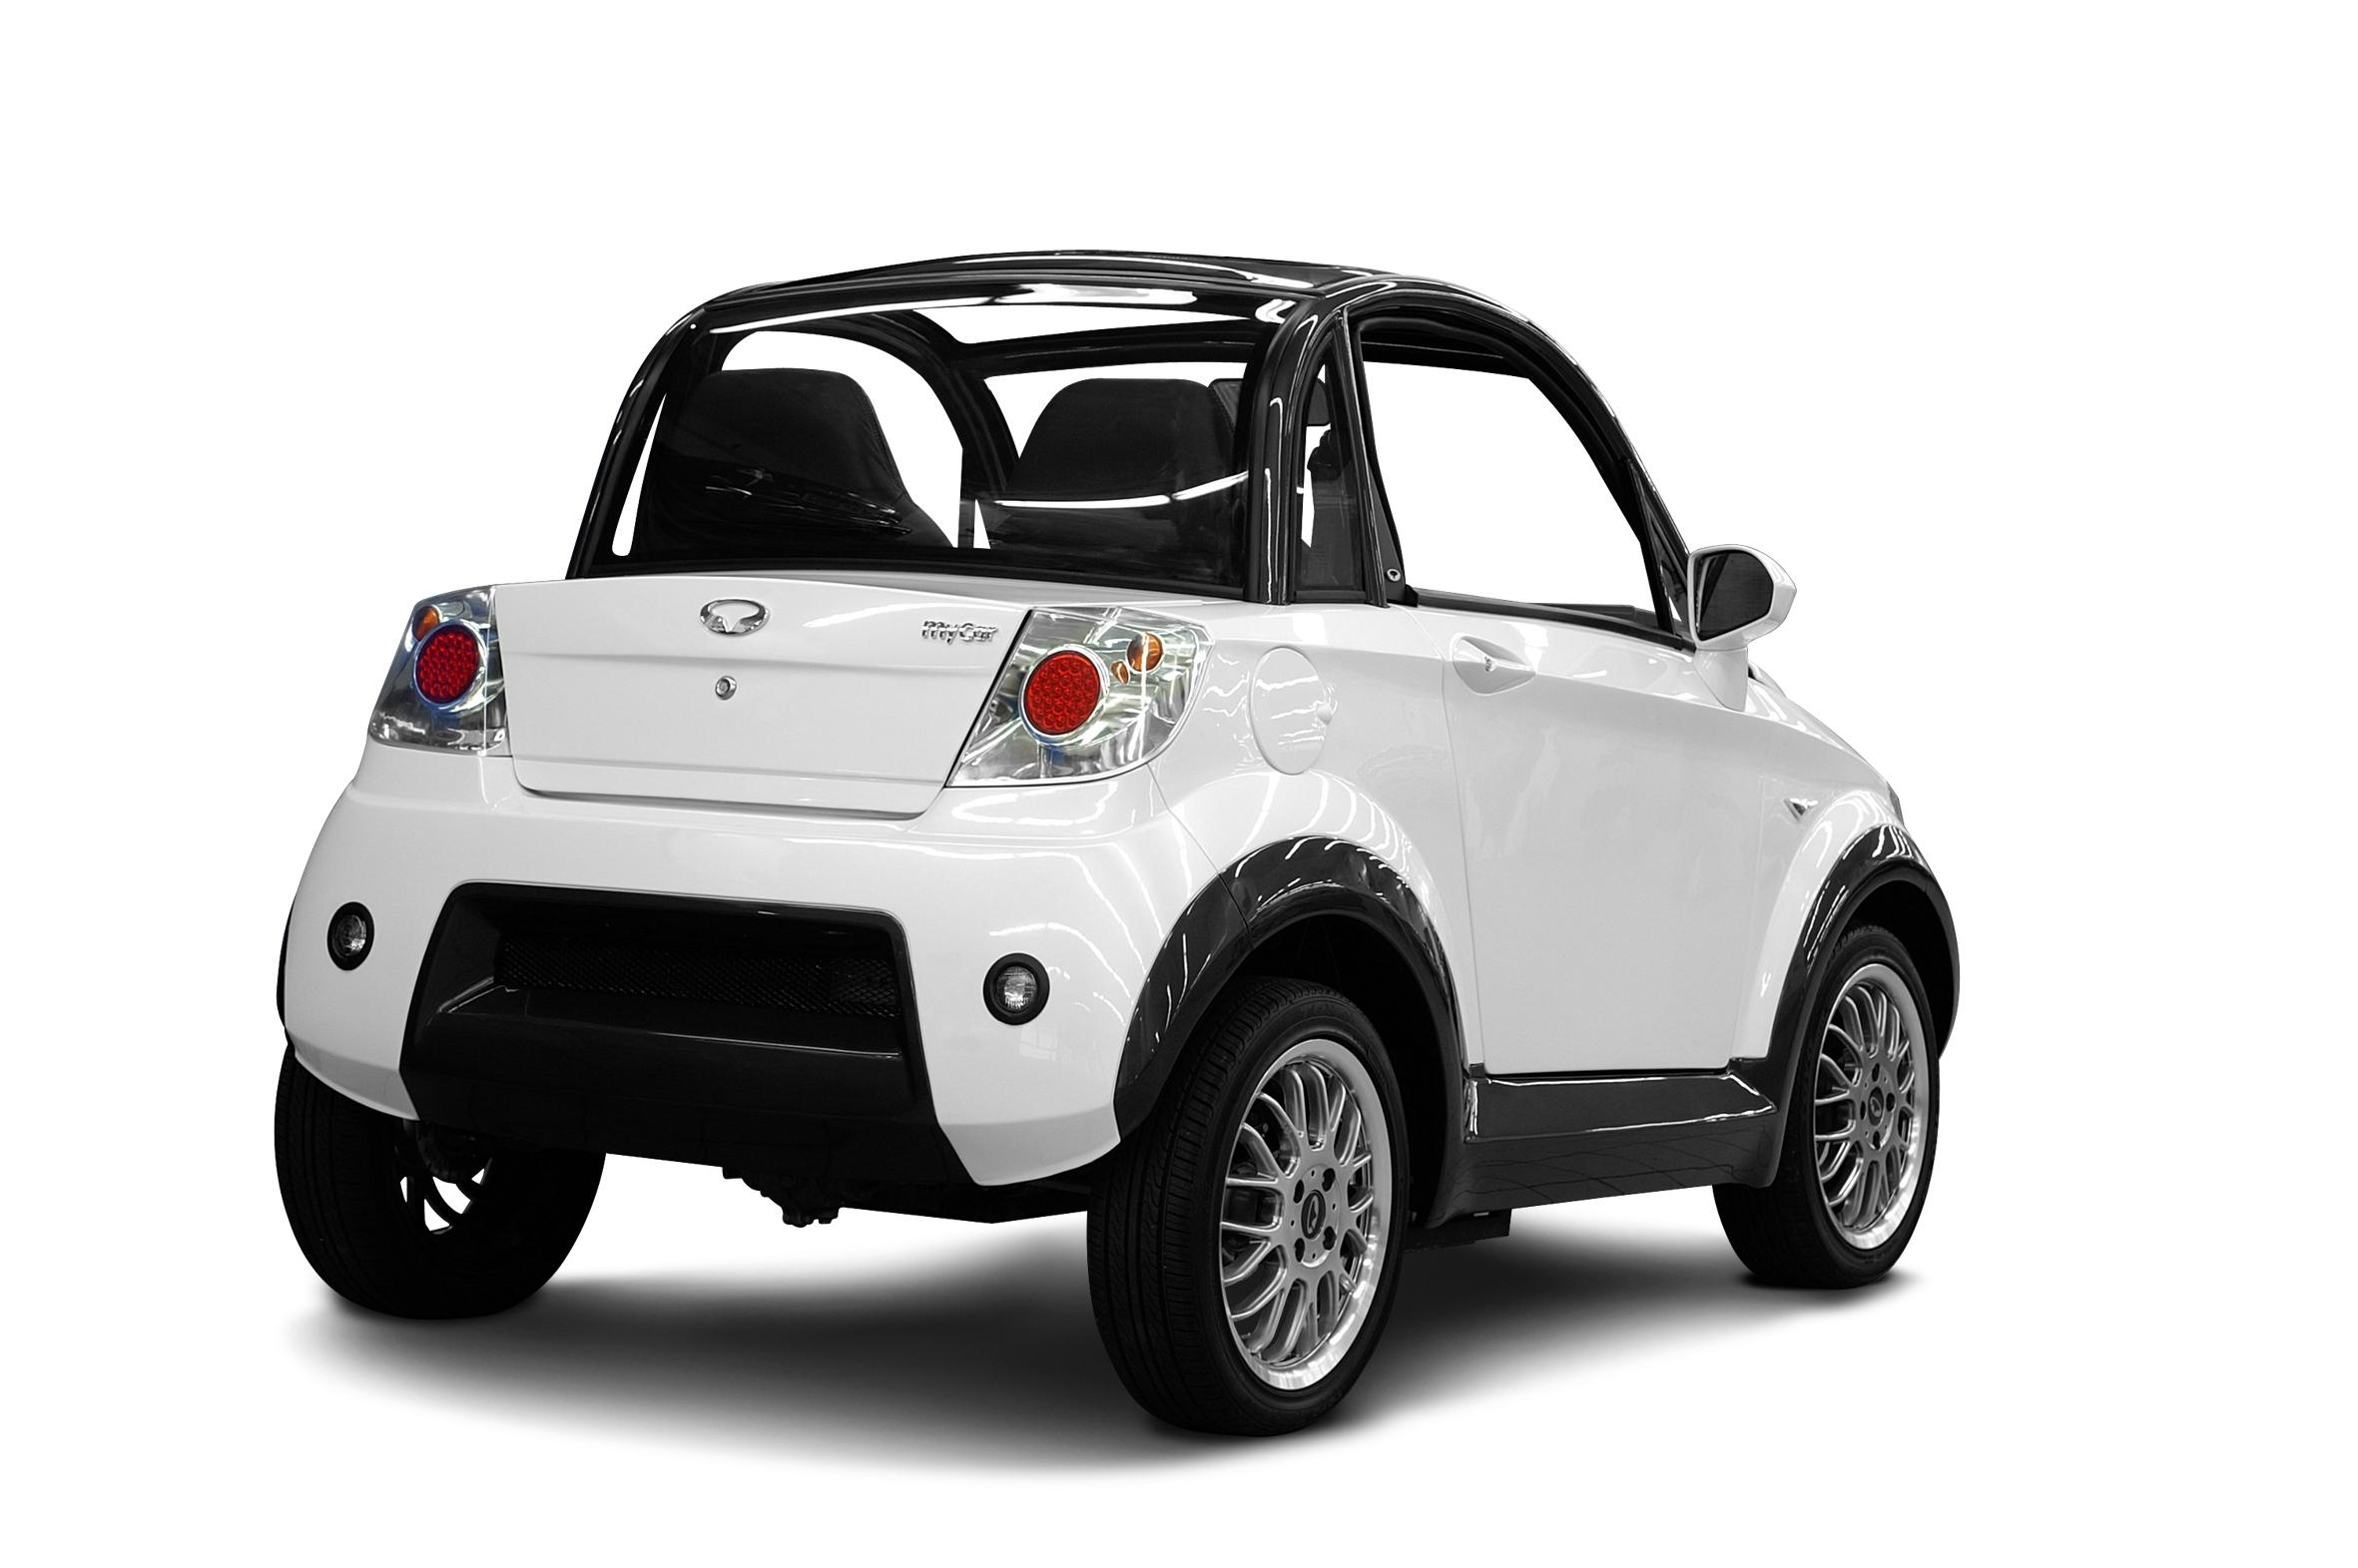 Mycar Is A Stylish All Electric City Car